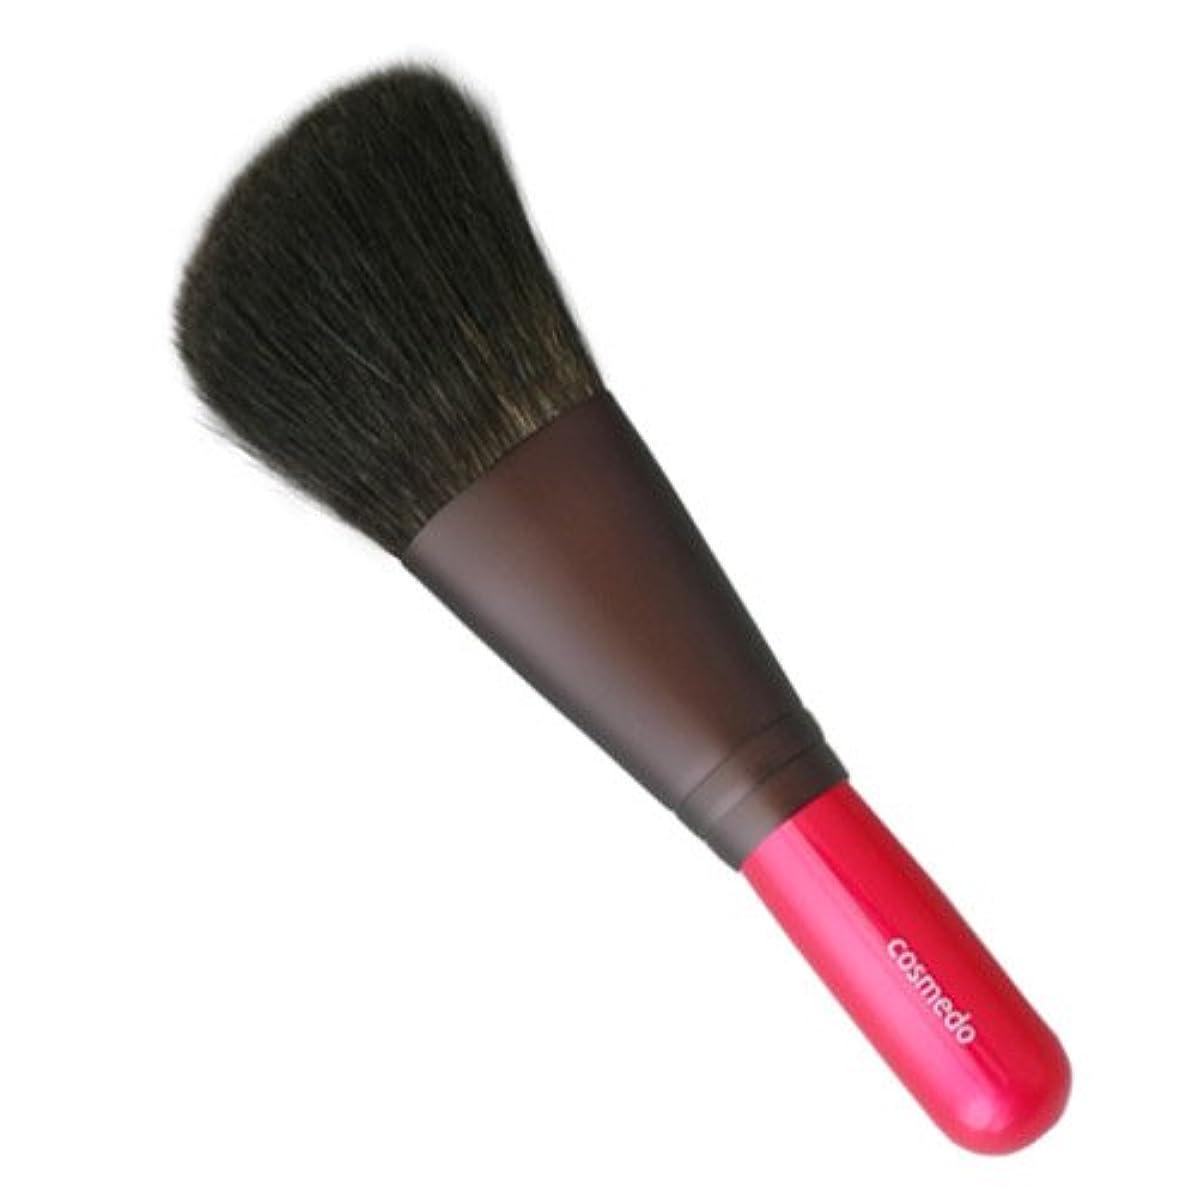 腐敗くさび死ぬ匠の化粧筆コスメ堂 熊野筆 メイクブラシ 灰リス100% ナナメ フェイスブラシ(パウダーブラシ)日本製 ショートタイプ PK-F01